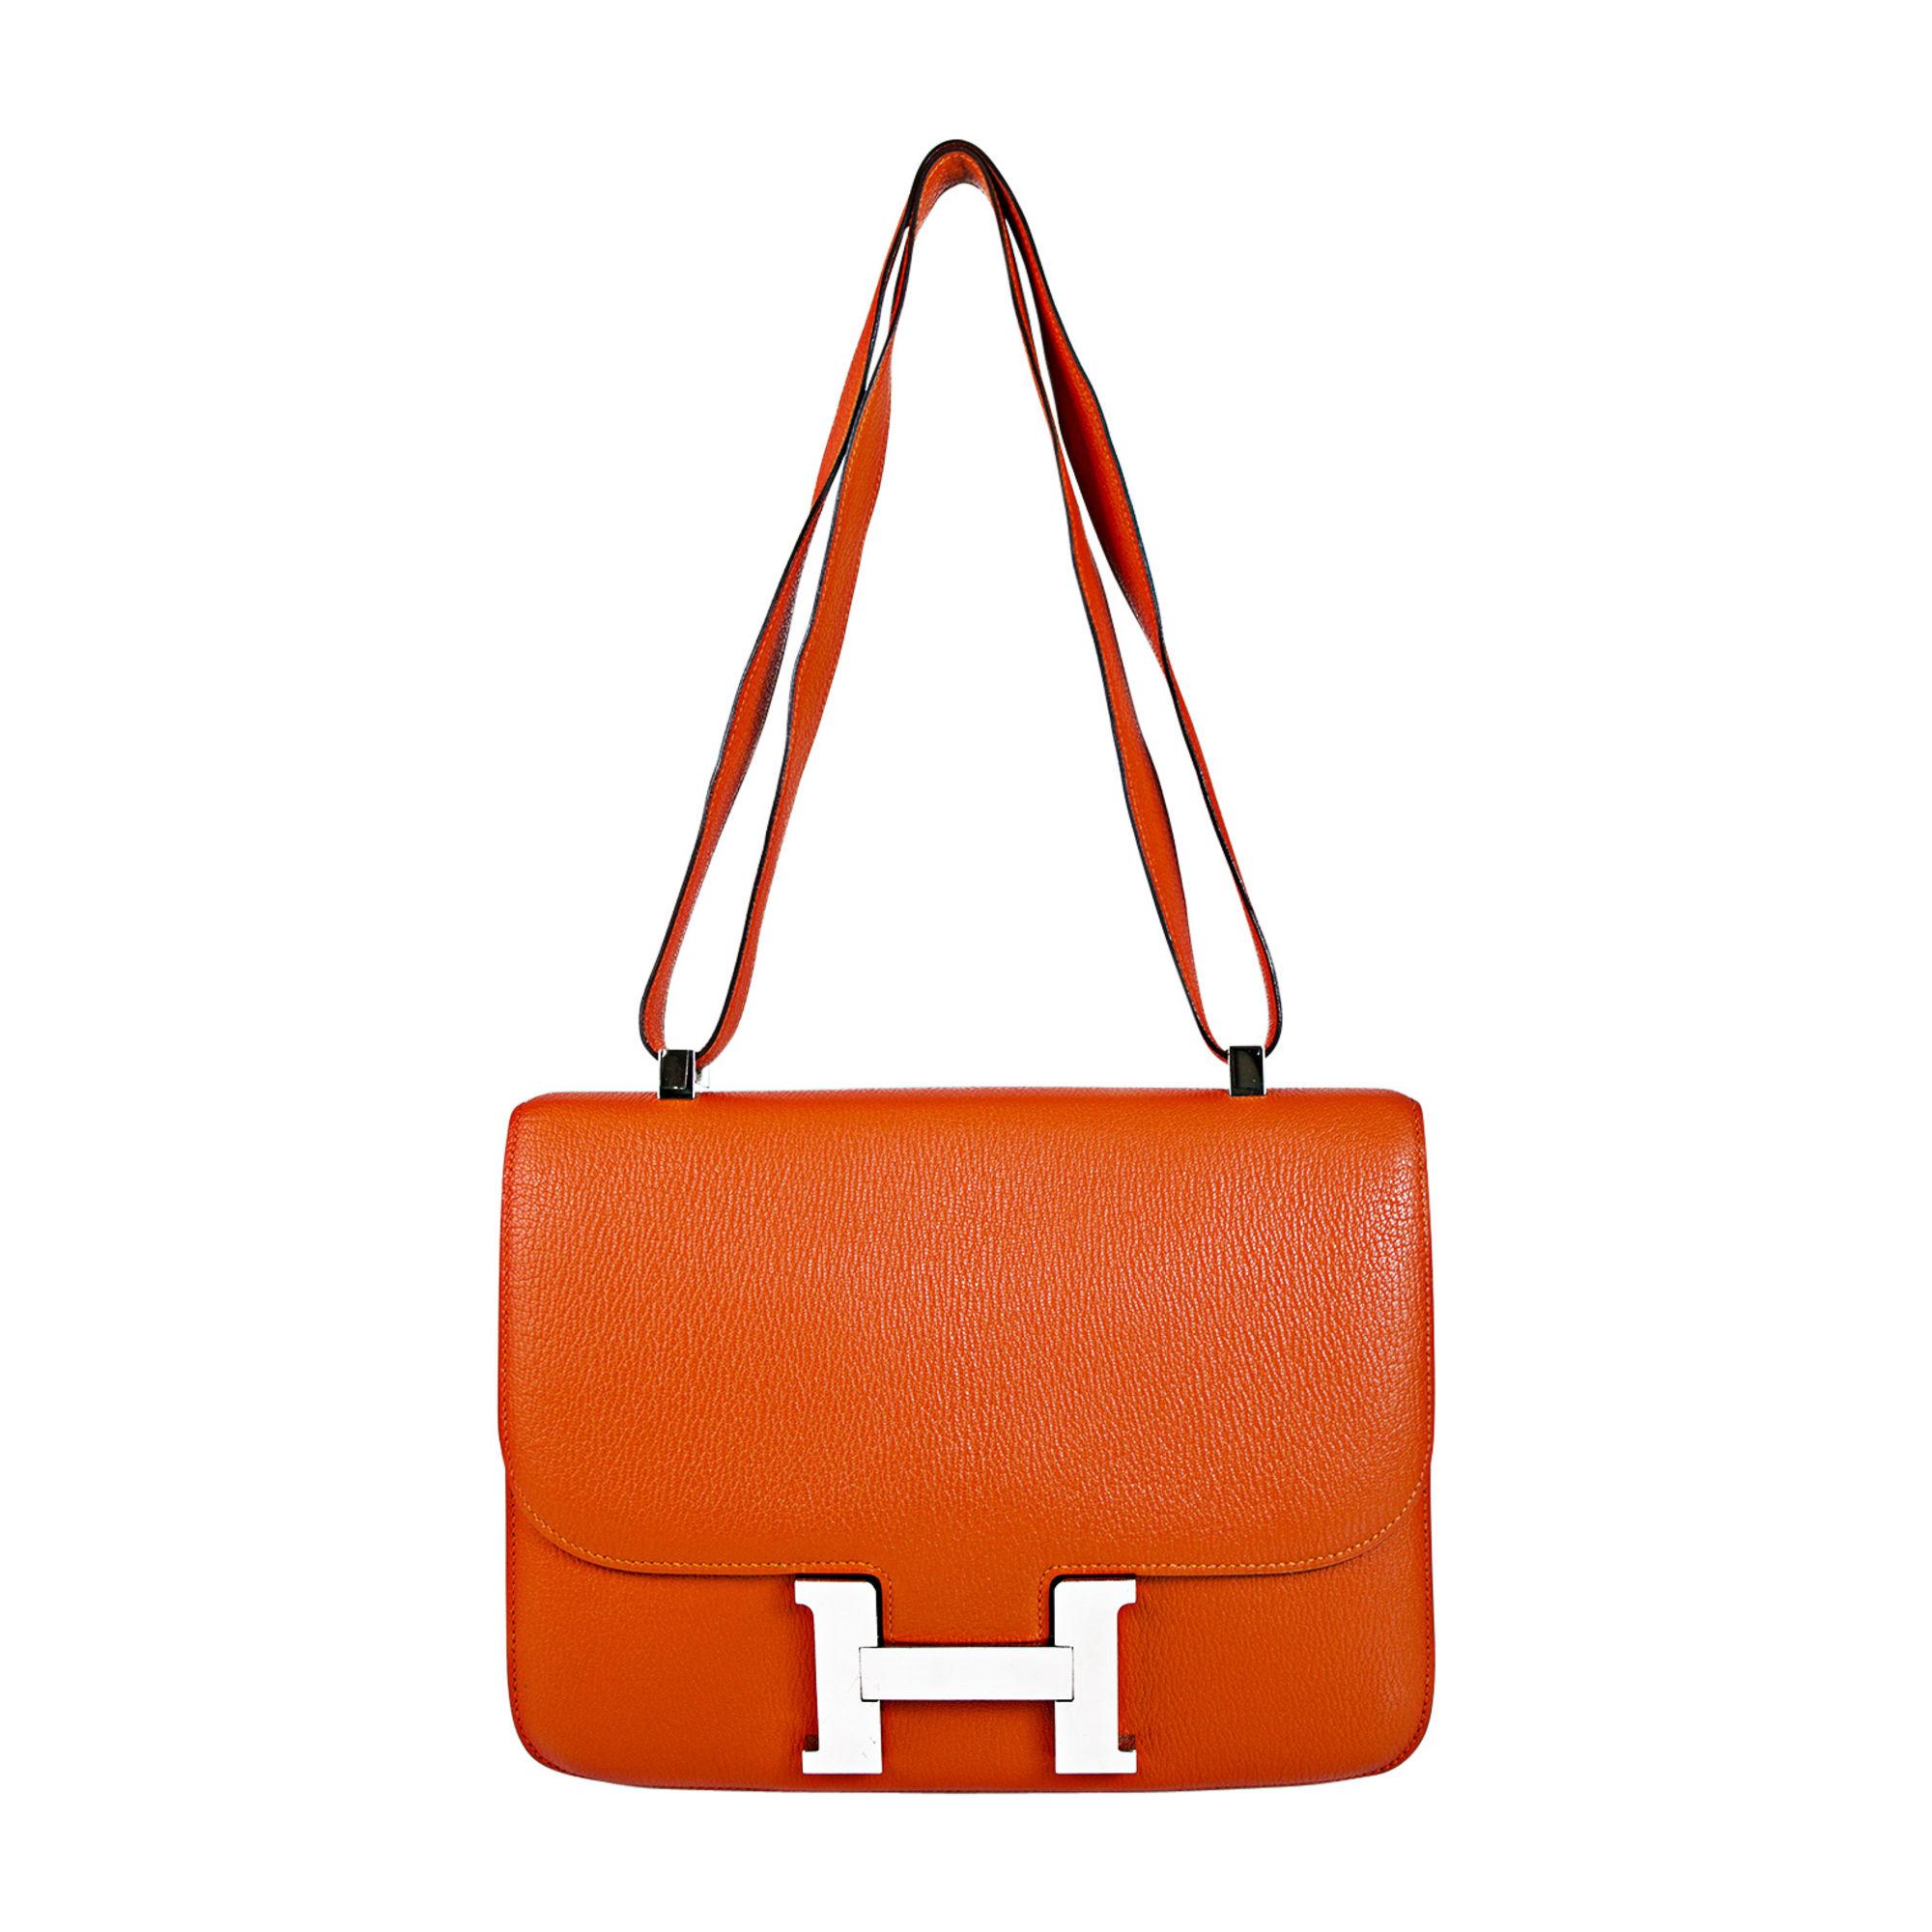 4e7b71af173 Sac en bandoulière en cuir HERMÈS constance orange - 8561596